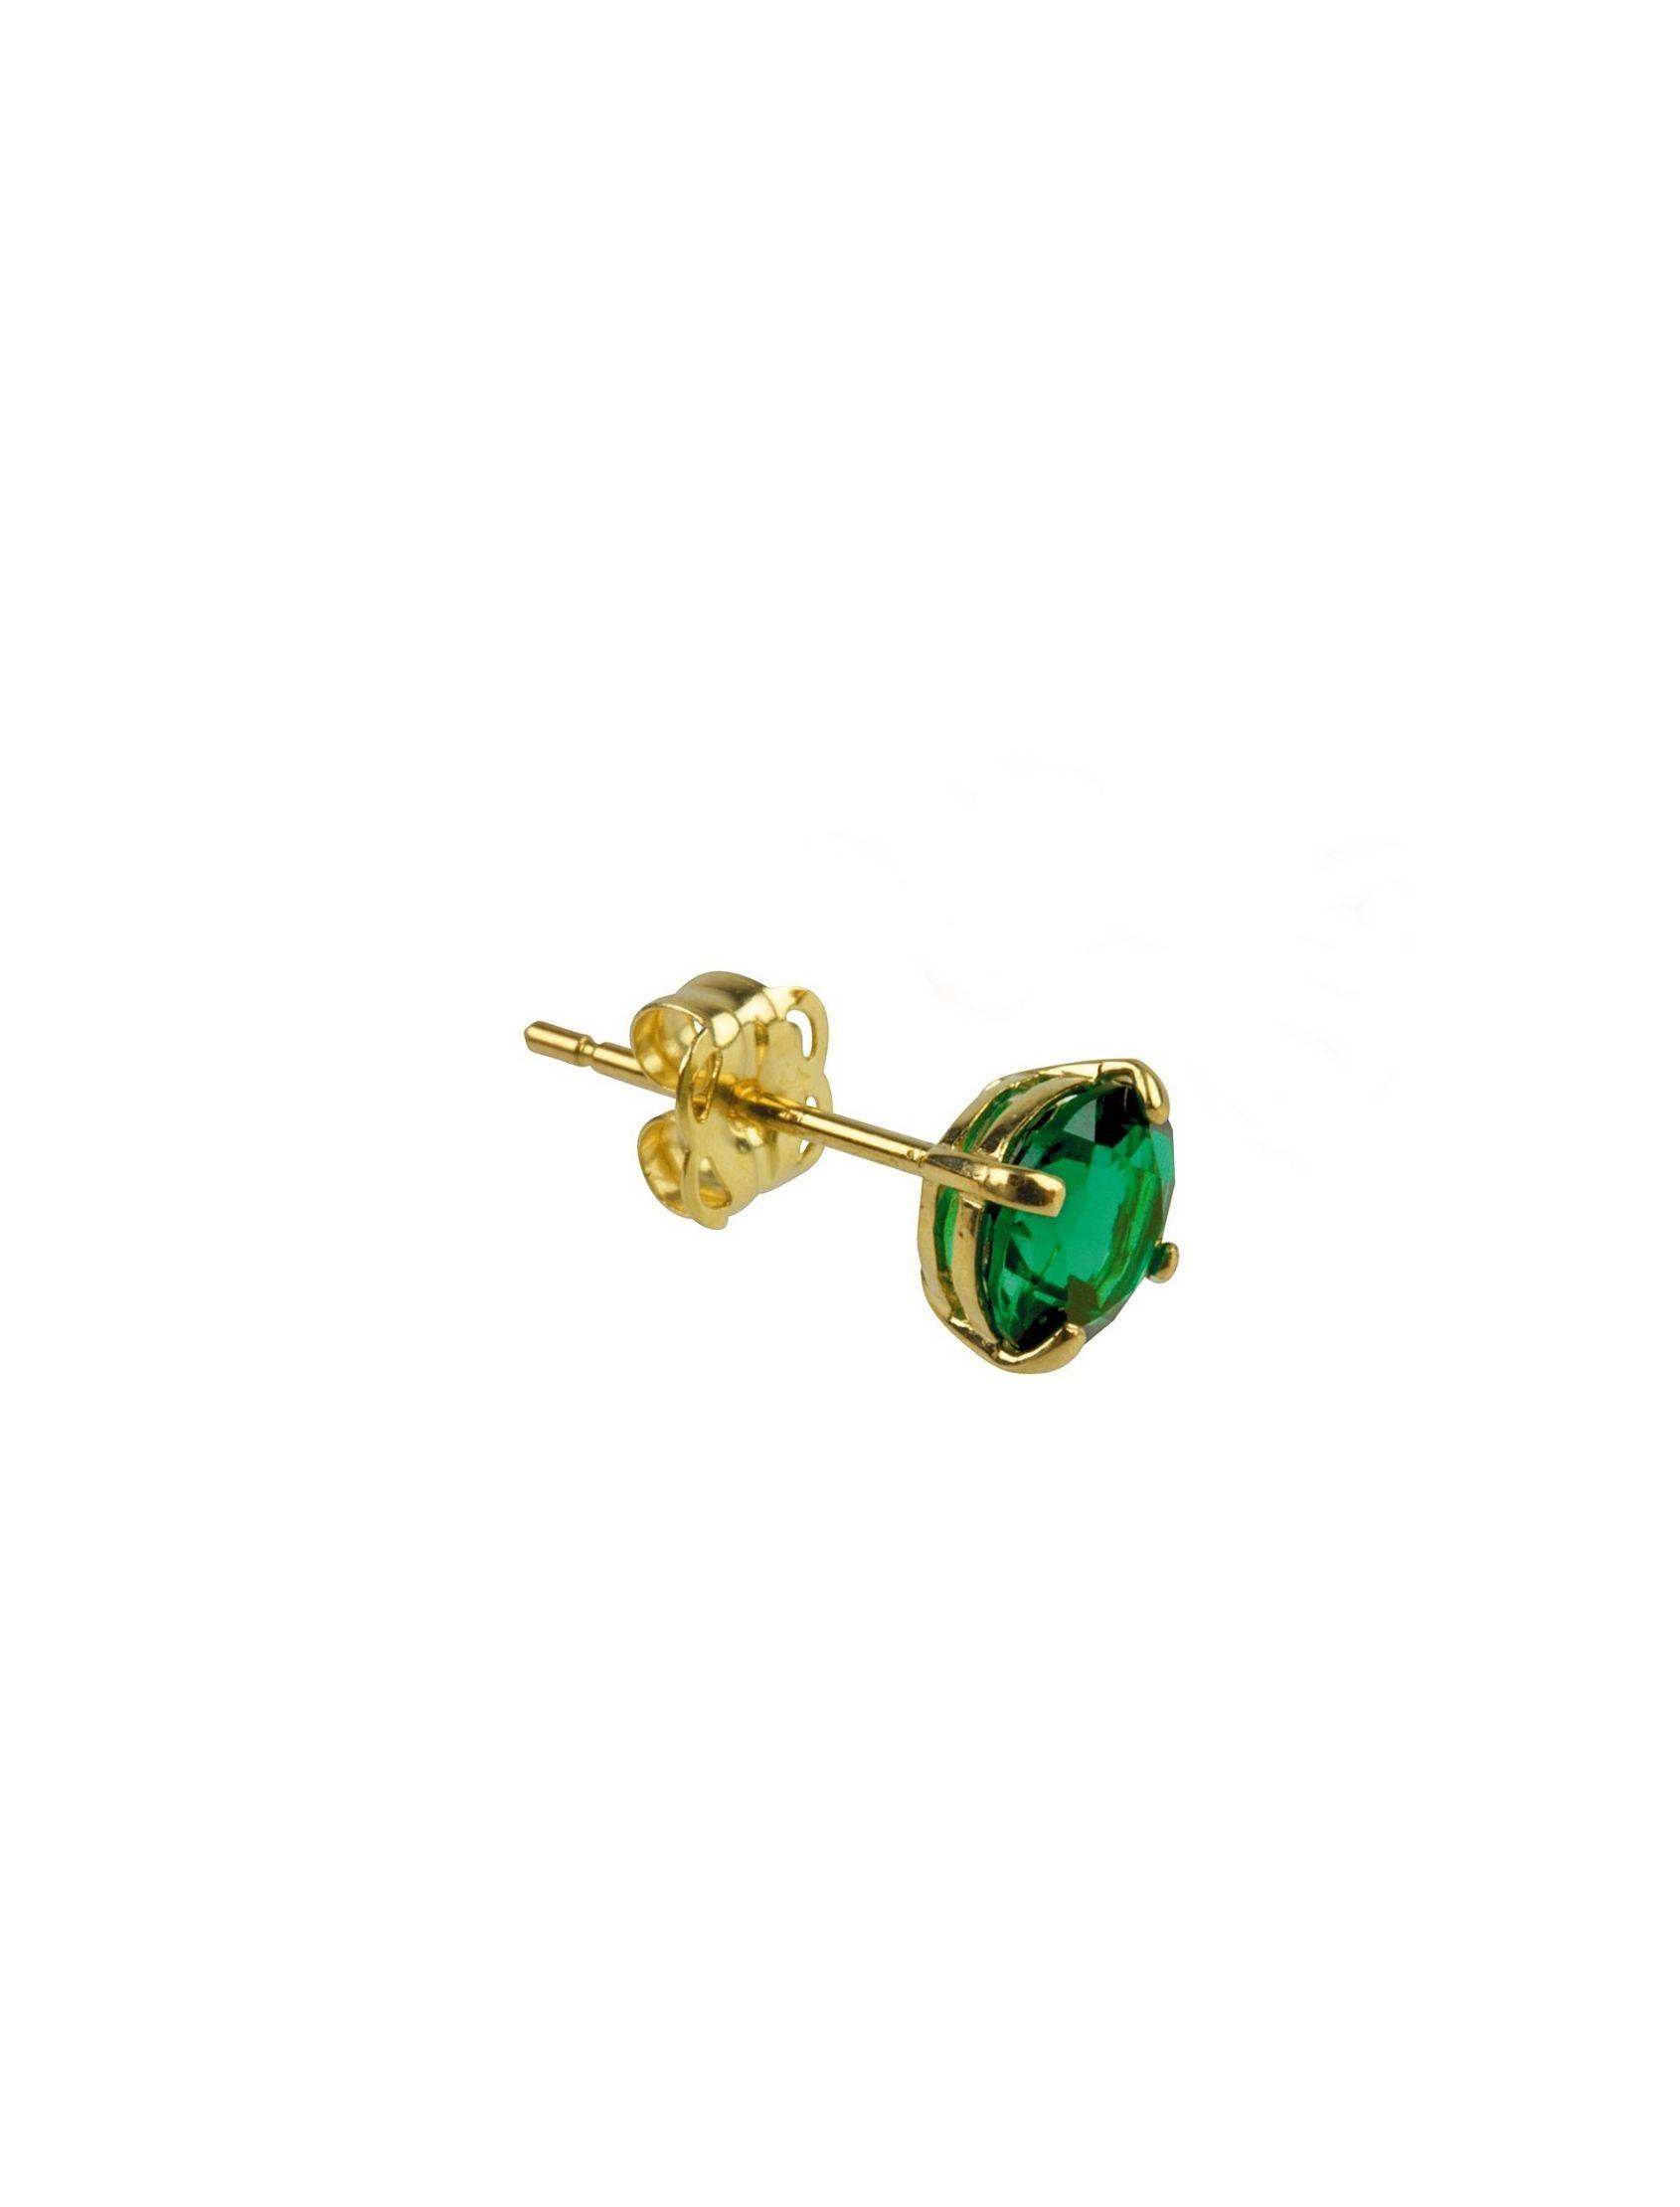 pendiente mini de oro con circonita verde esmeralda